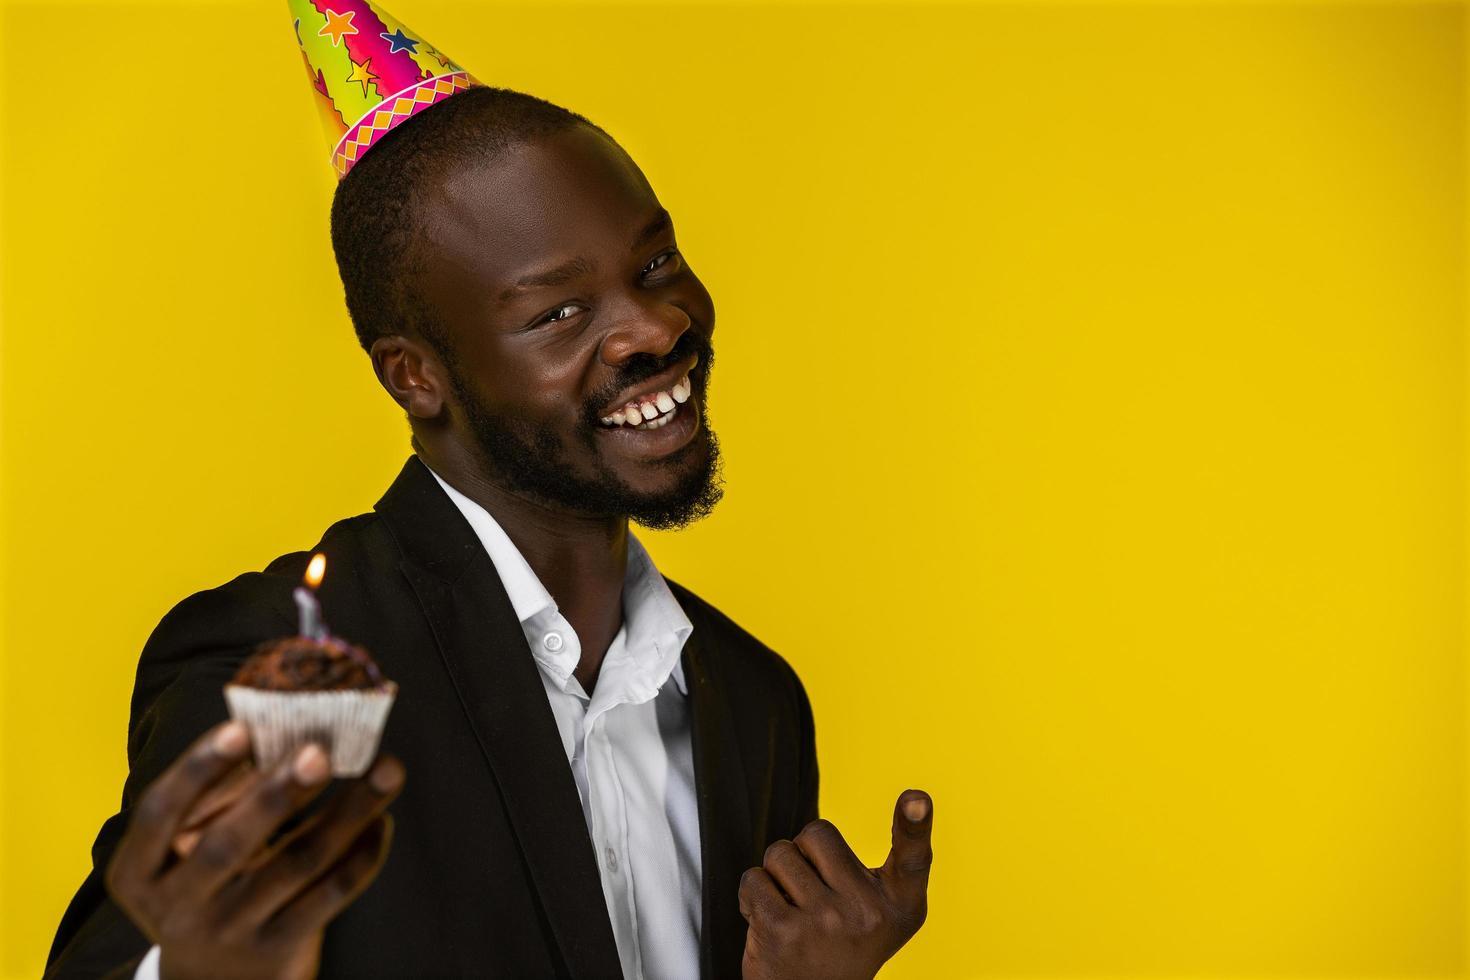 Heureux homme d'affaires mignon souriant à la caméra et tenant un gâteau d'anniversaire photo